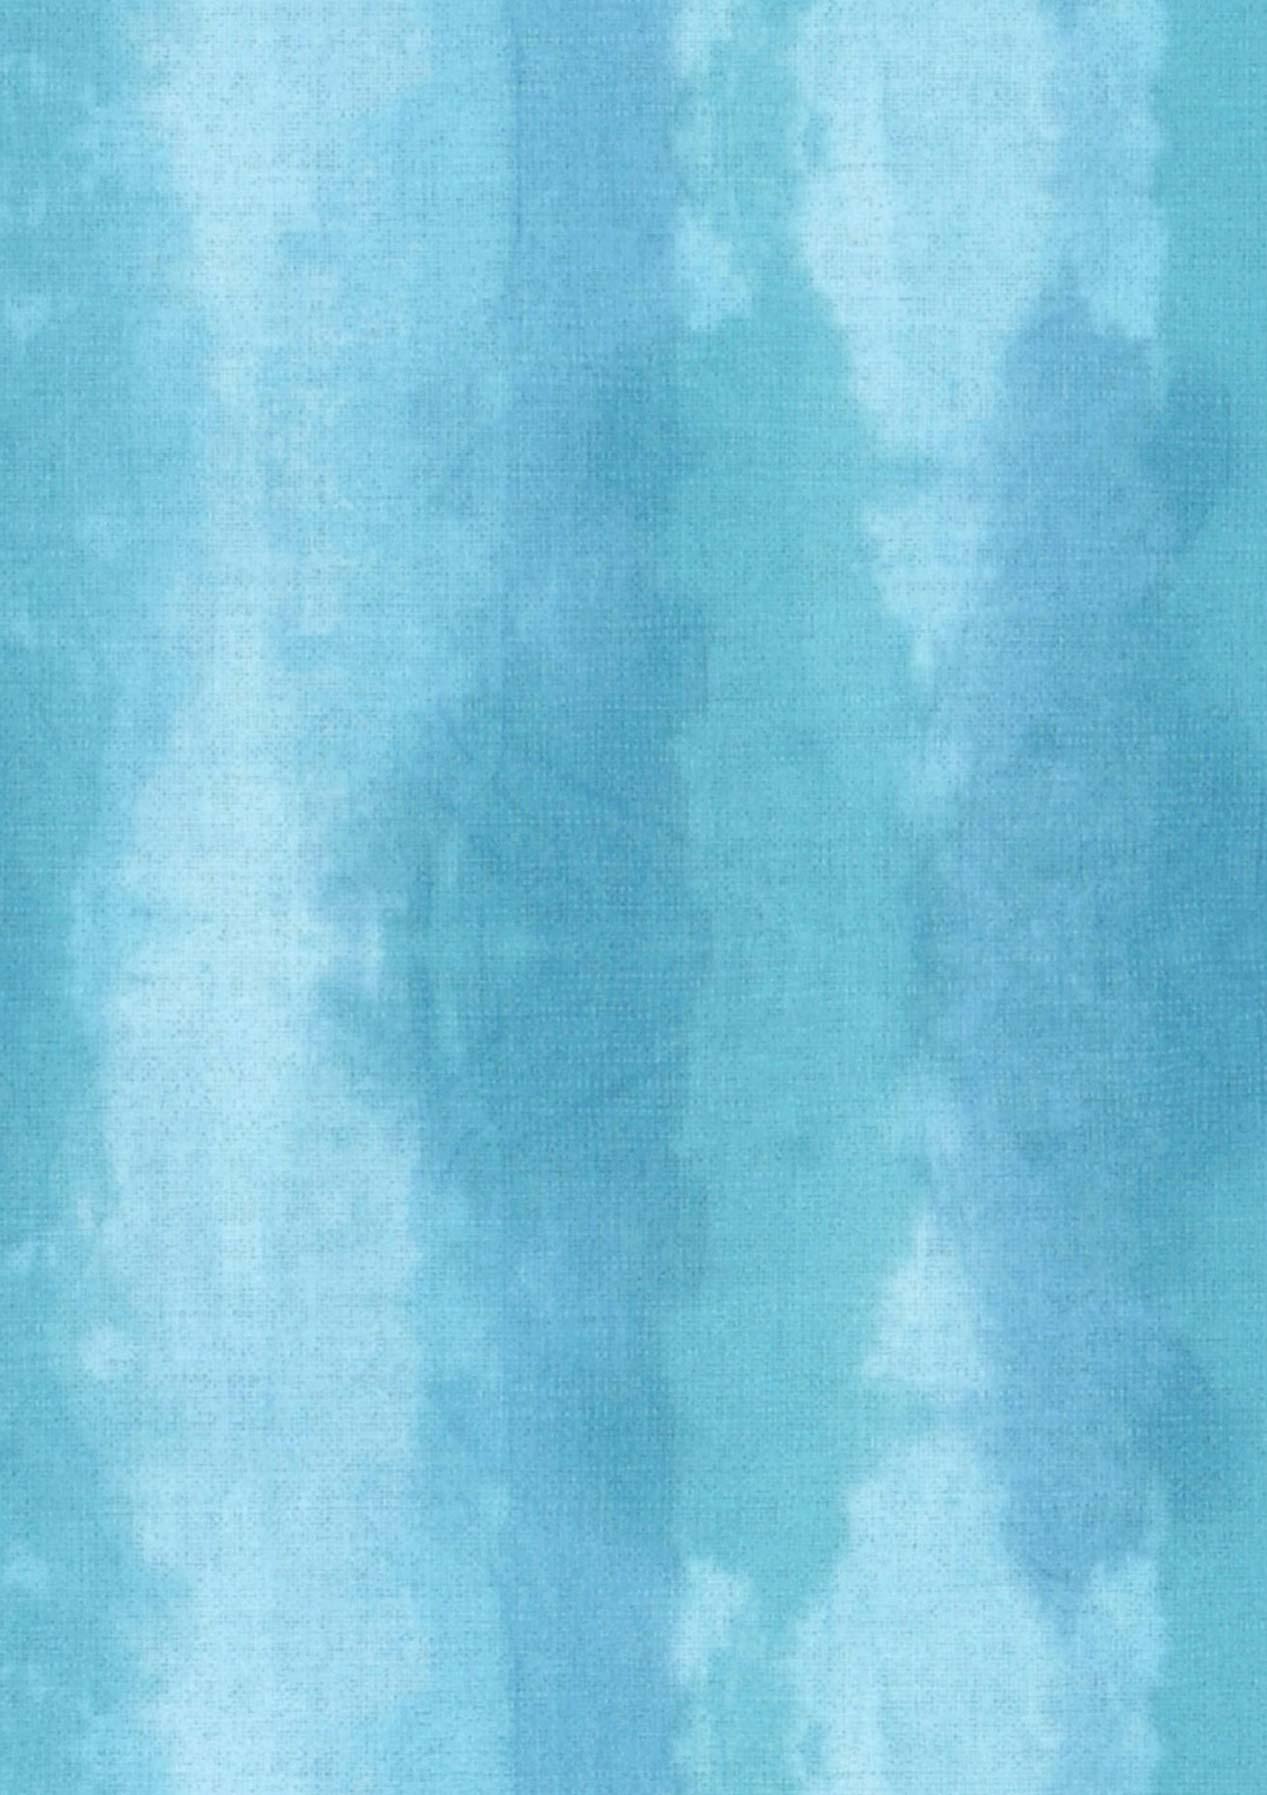 Tapete alika blasst rkis ozeanblau t rkisblau for Tapete nach hause